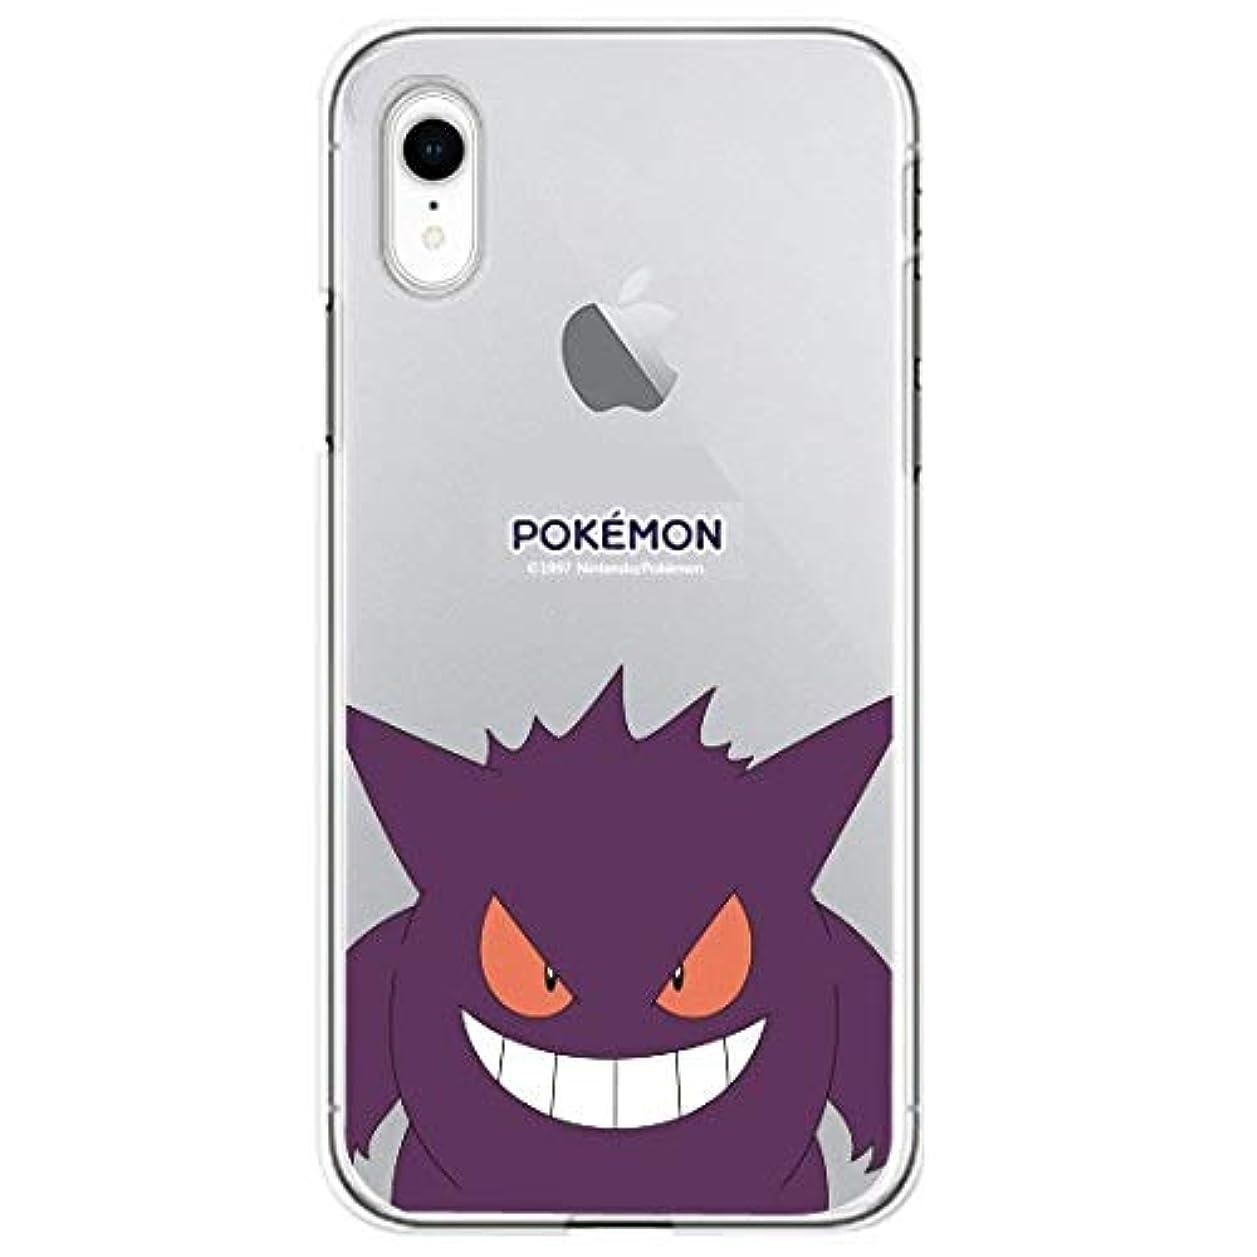 一緒遊びますクルーズ【 iPhoneXR / 6.1inch ケース カバー 】【★/日本国内発送】【 正規品 ポケモン ファントム クリア ケース 】 iPhone XR ケース カバー 【 Pokemon Clear Case 】 アイフォンXR スマホケース/スマホカバー Pocket Monster ポケットモンスター キャラクターケース (docomo/au/softbank対応) (機種選択 iPhoneXR)